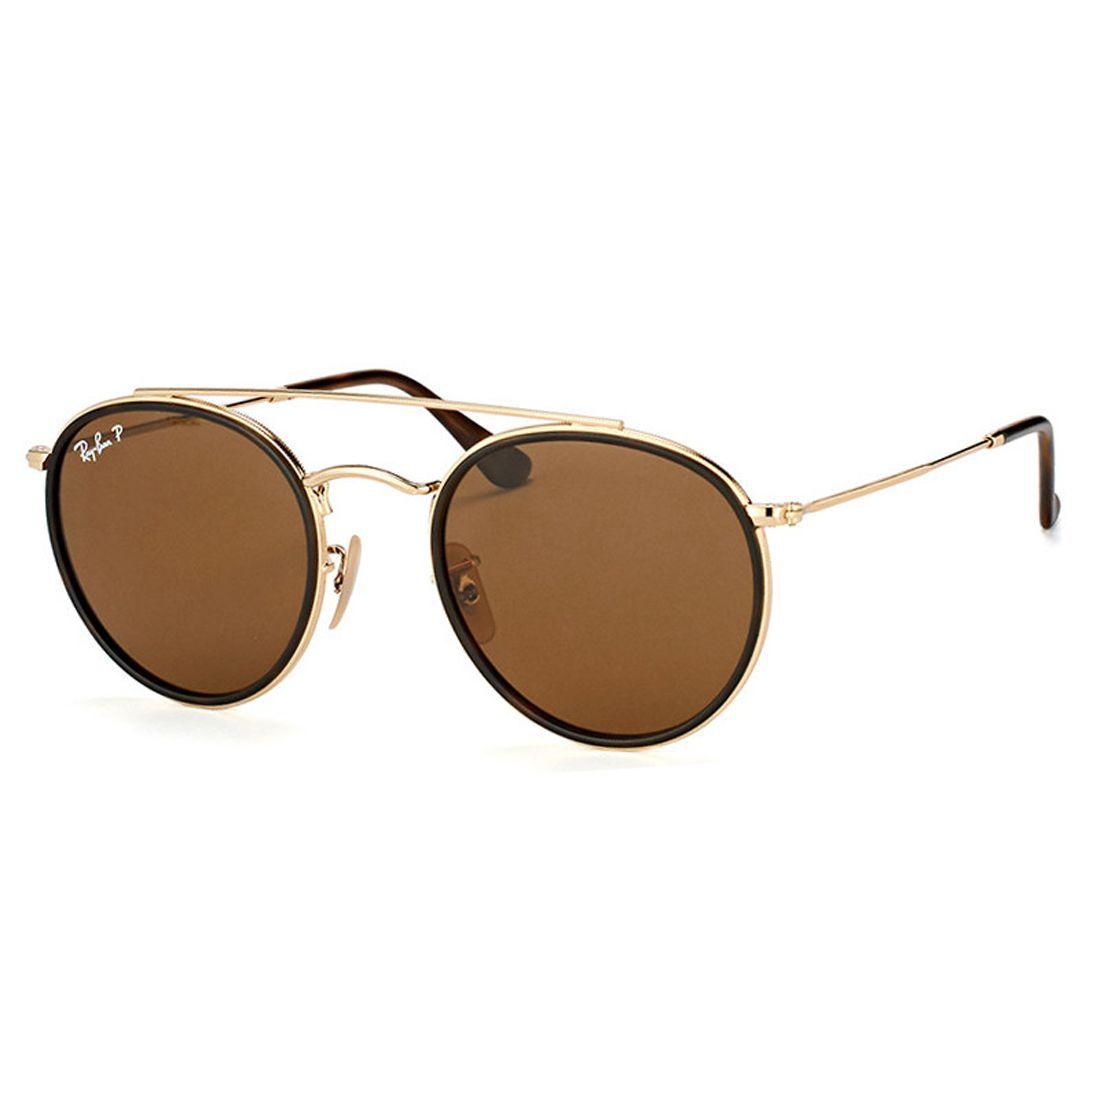 7fbc59e29 Óculos Rayban Modelo Double Brigde Marrom Original